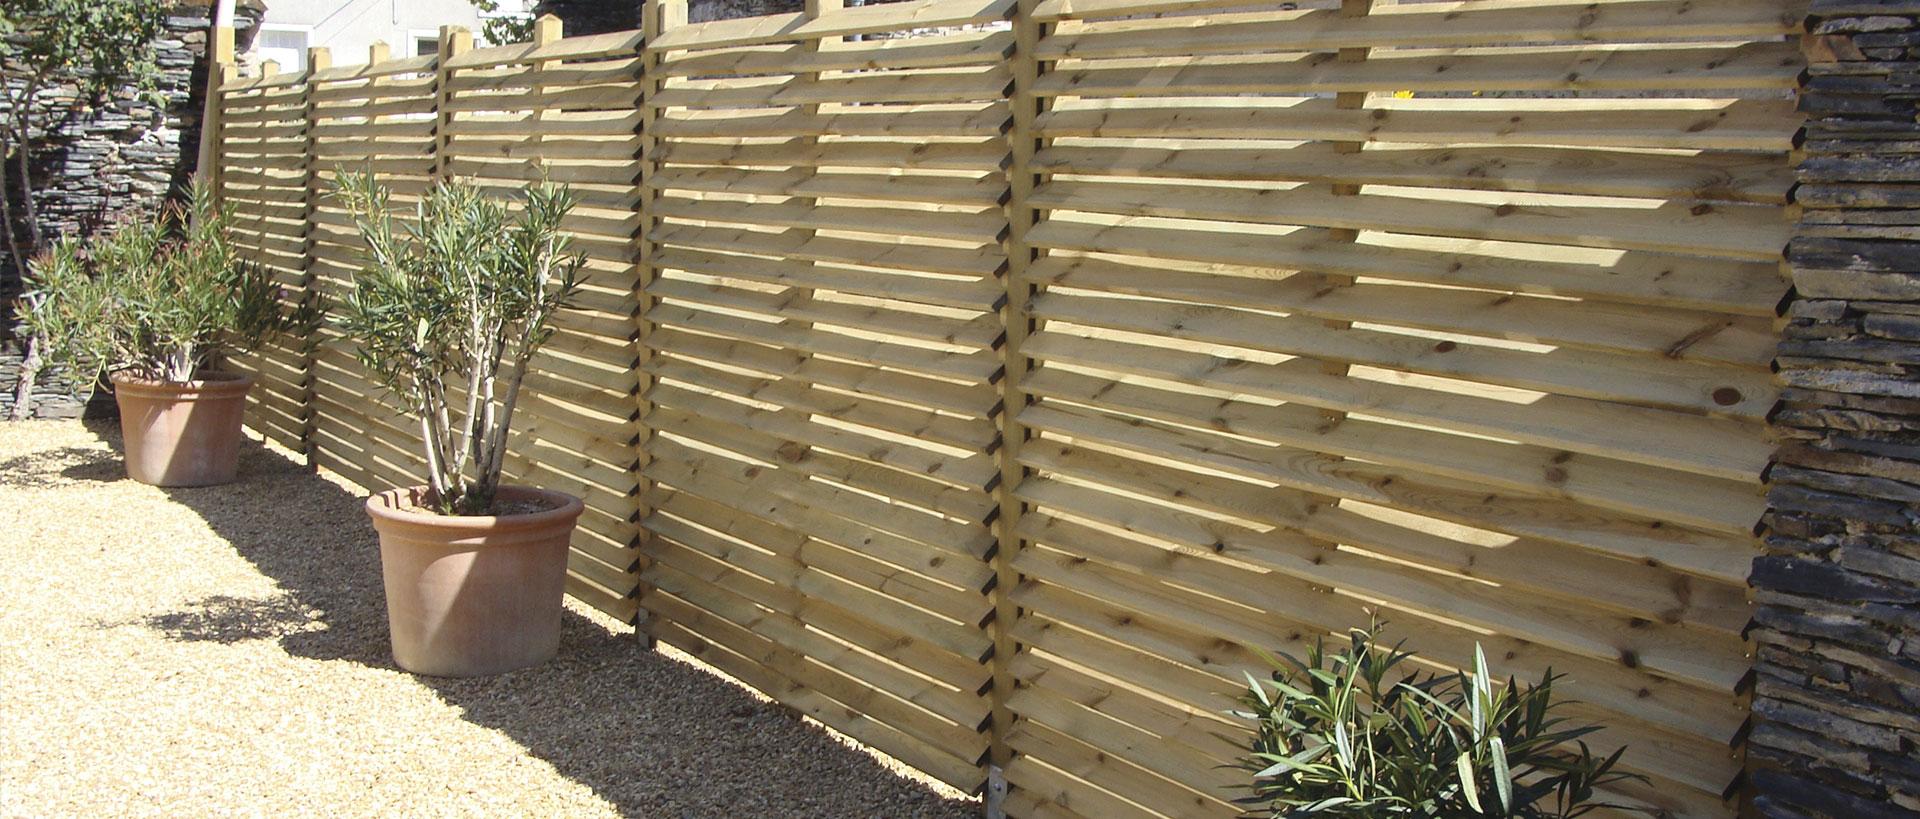 Éliminer Le Vis-À-Vis Dans Votre Jardin - Les Vrais Moments destiné Claustra Pour Jardin